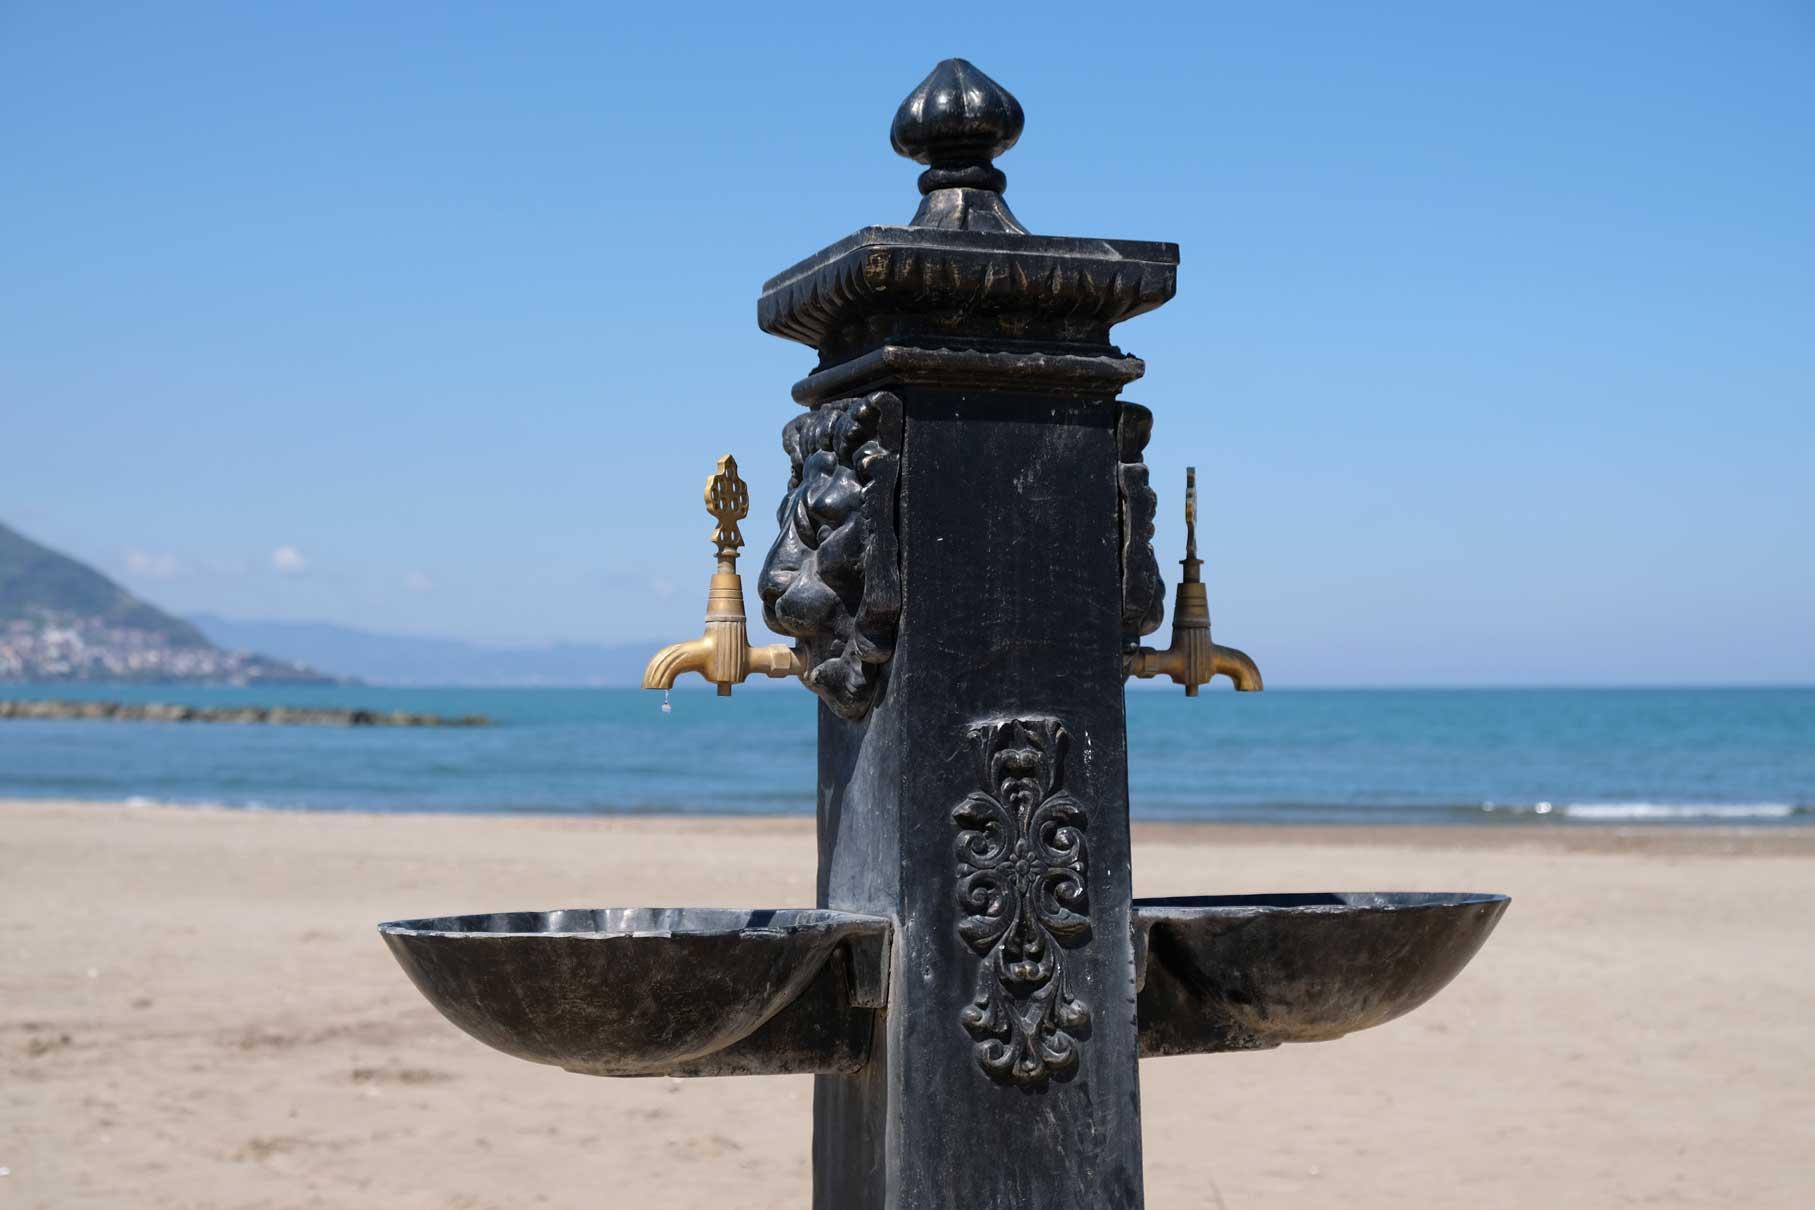 Die Strandpromenade versorgt die Besucher mit Wasser aus tollen Wasserhähnen